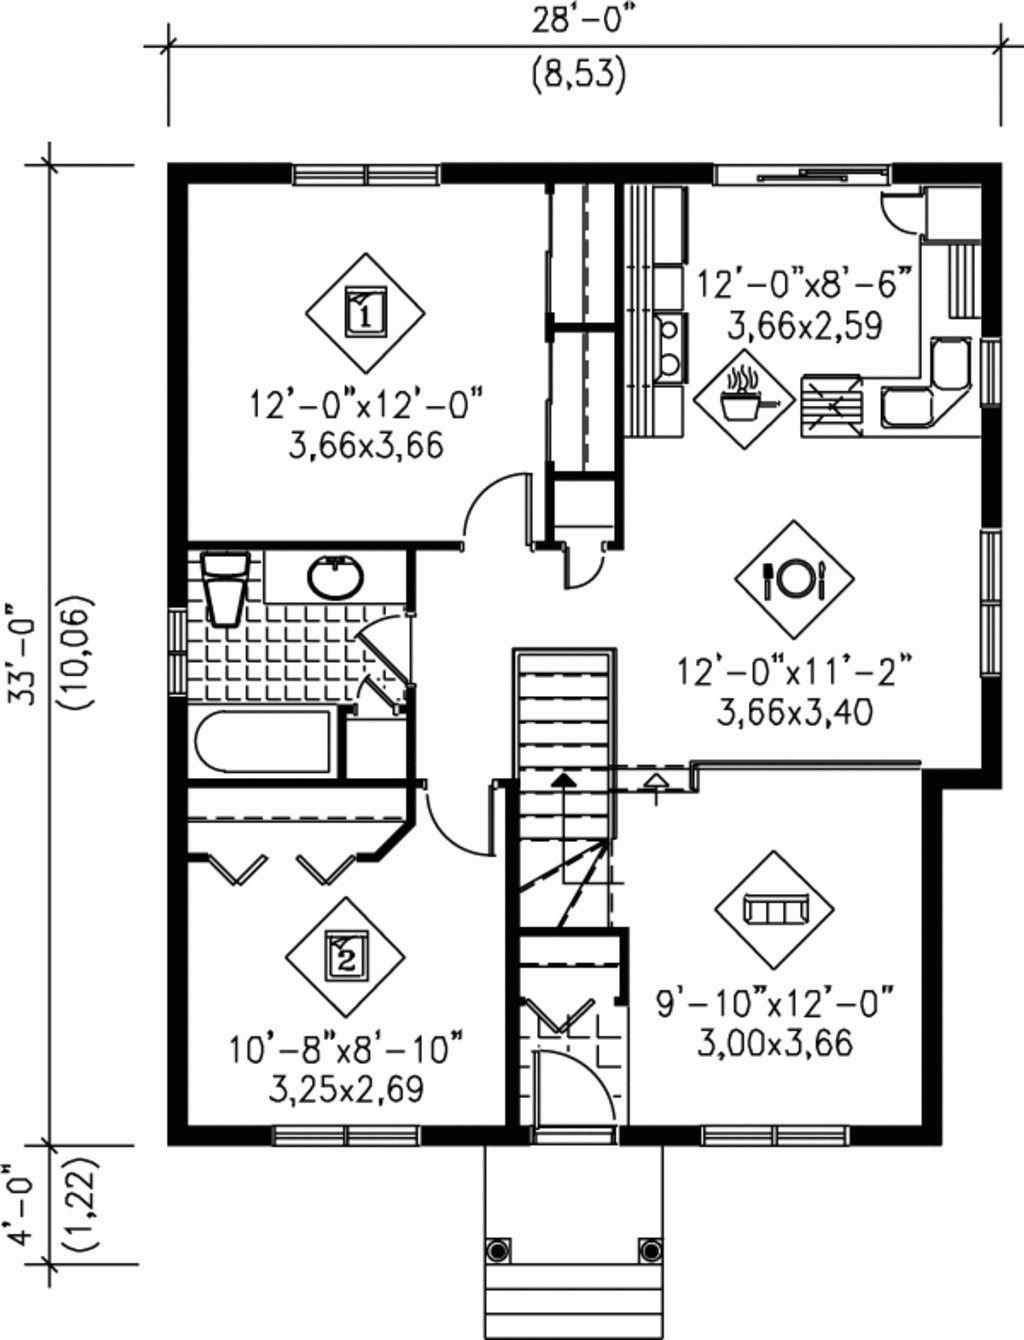 900 Sq Feet House Plans Fresh 54 Unique 900 Square Ft House Plans S Daftar Harga In 2020 Square House Plans Bungalow Floor Plans House Plans